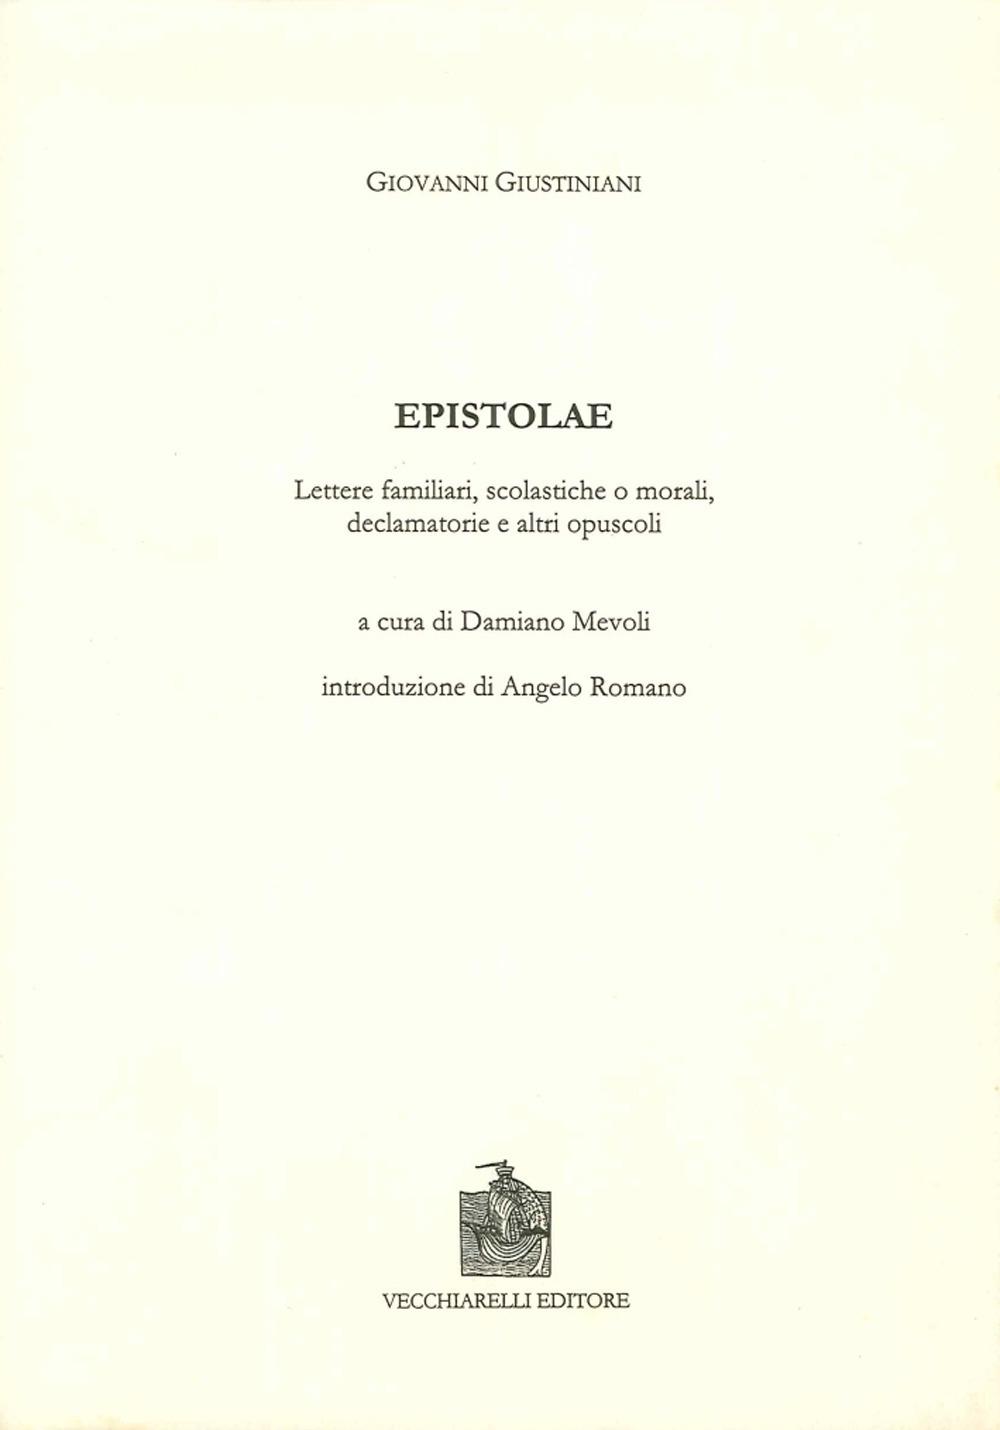 Epistolae, lettere familiari, scolastiche o morali, declamatorie e altri opuscoli. Testo latino e italiano